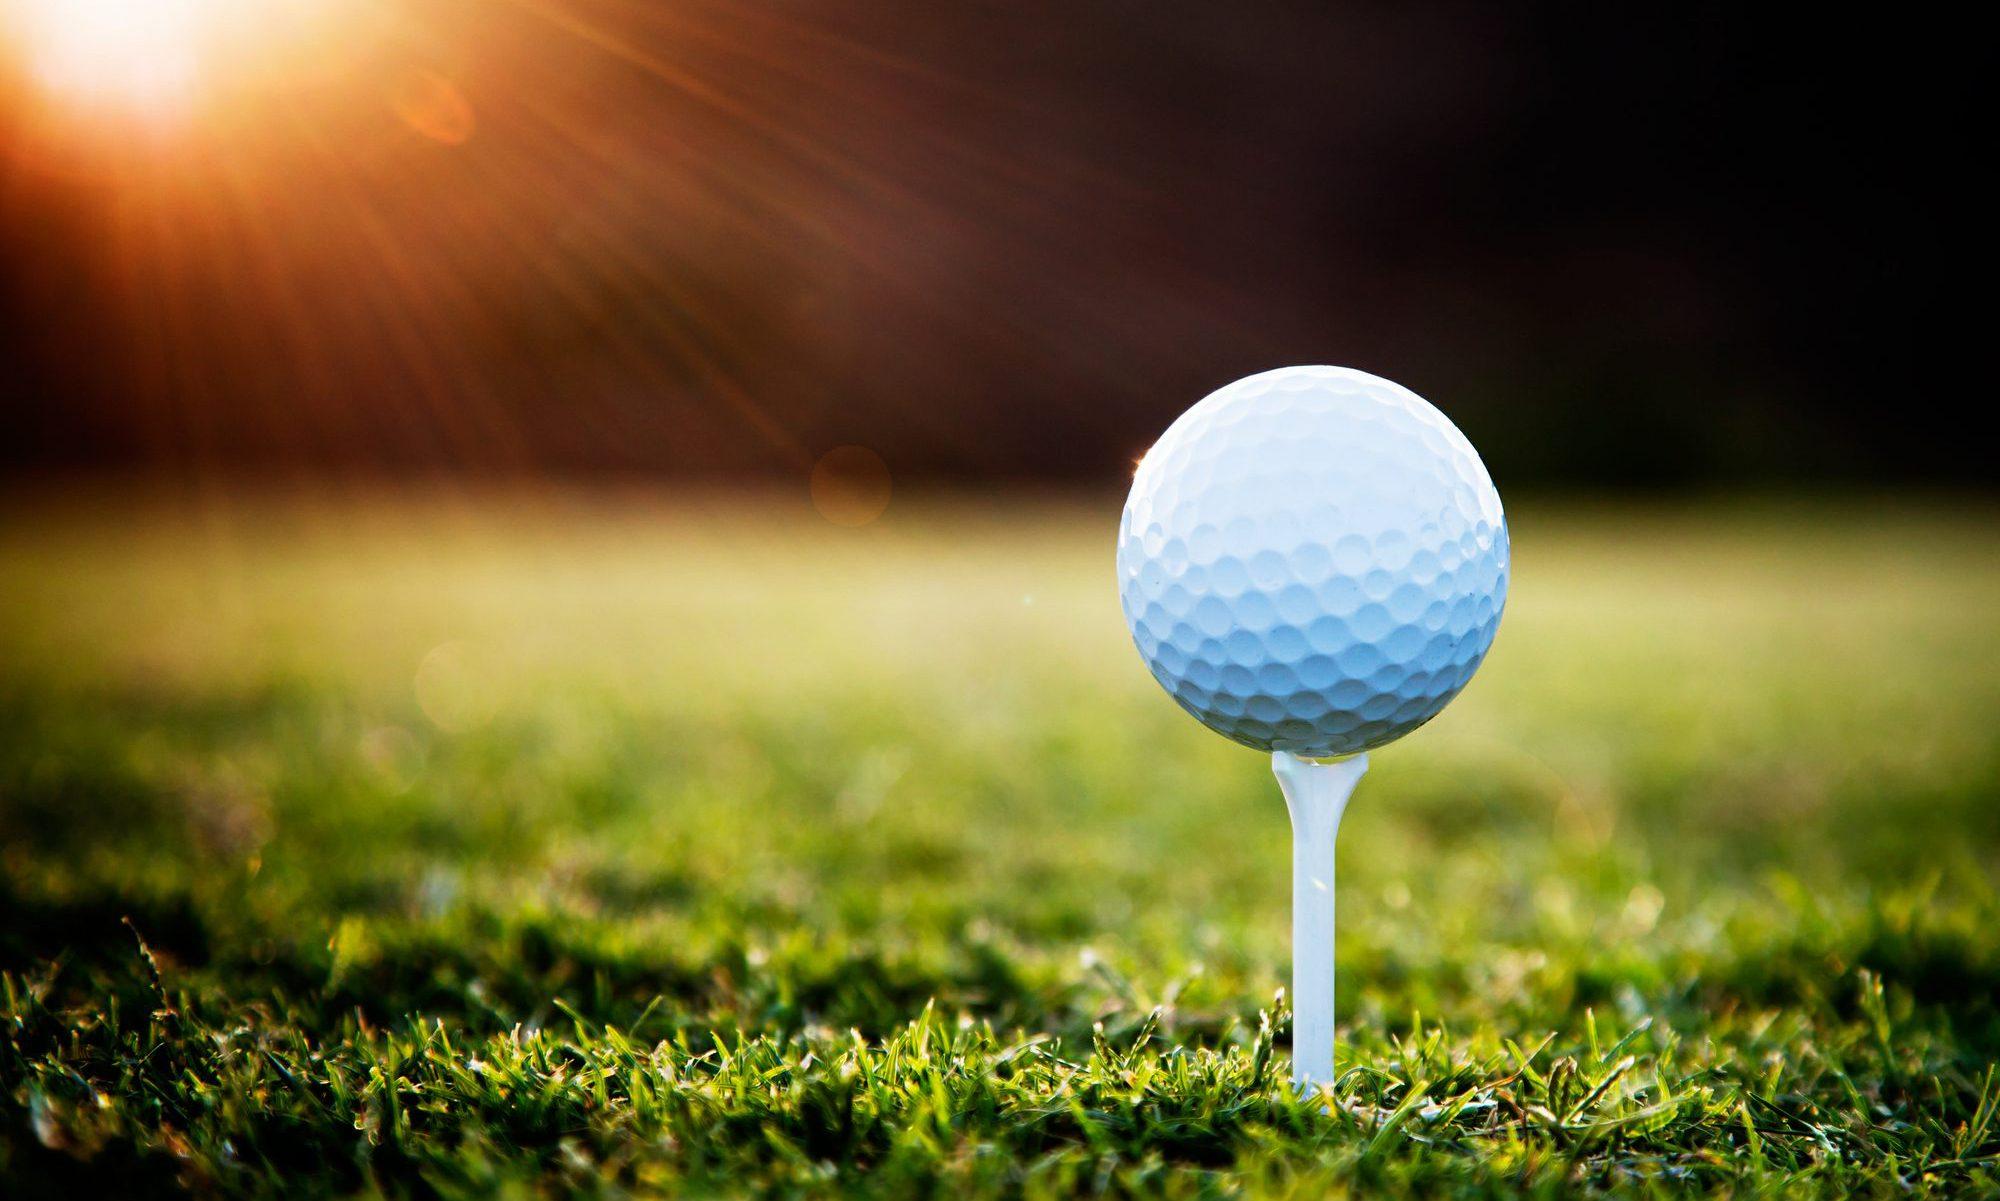 Crossgar Golf Club